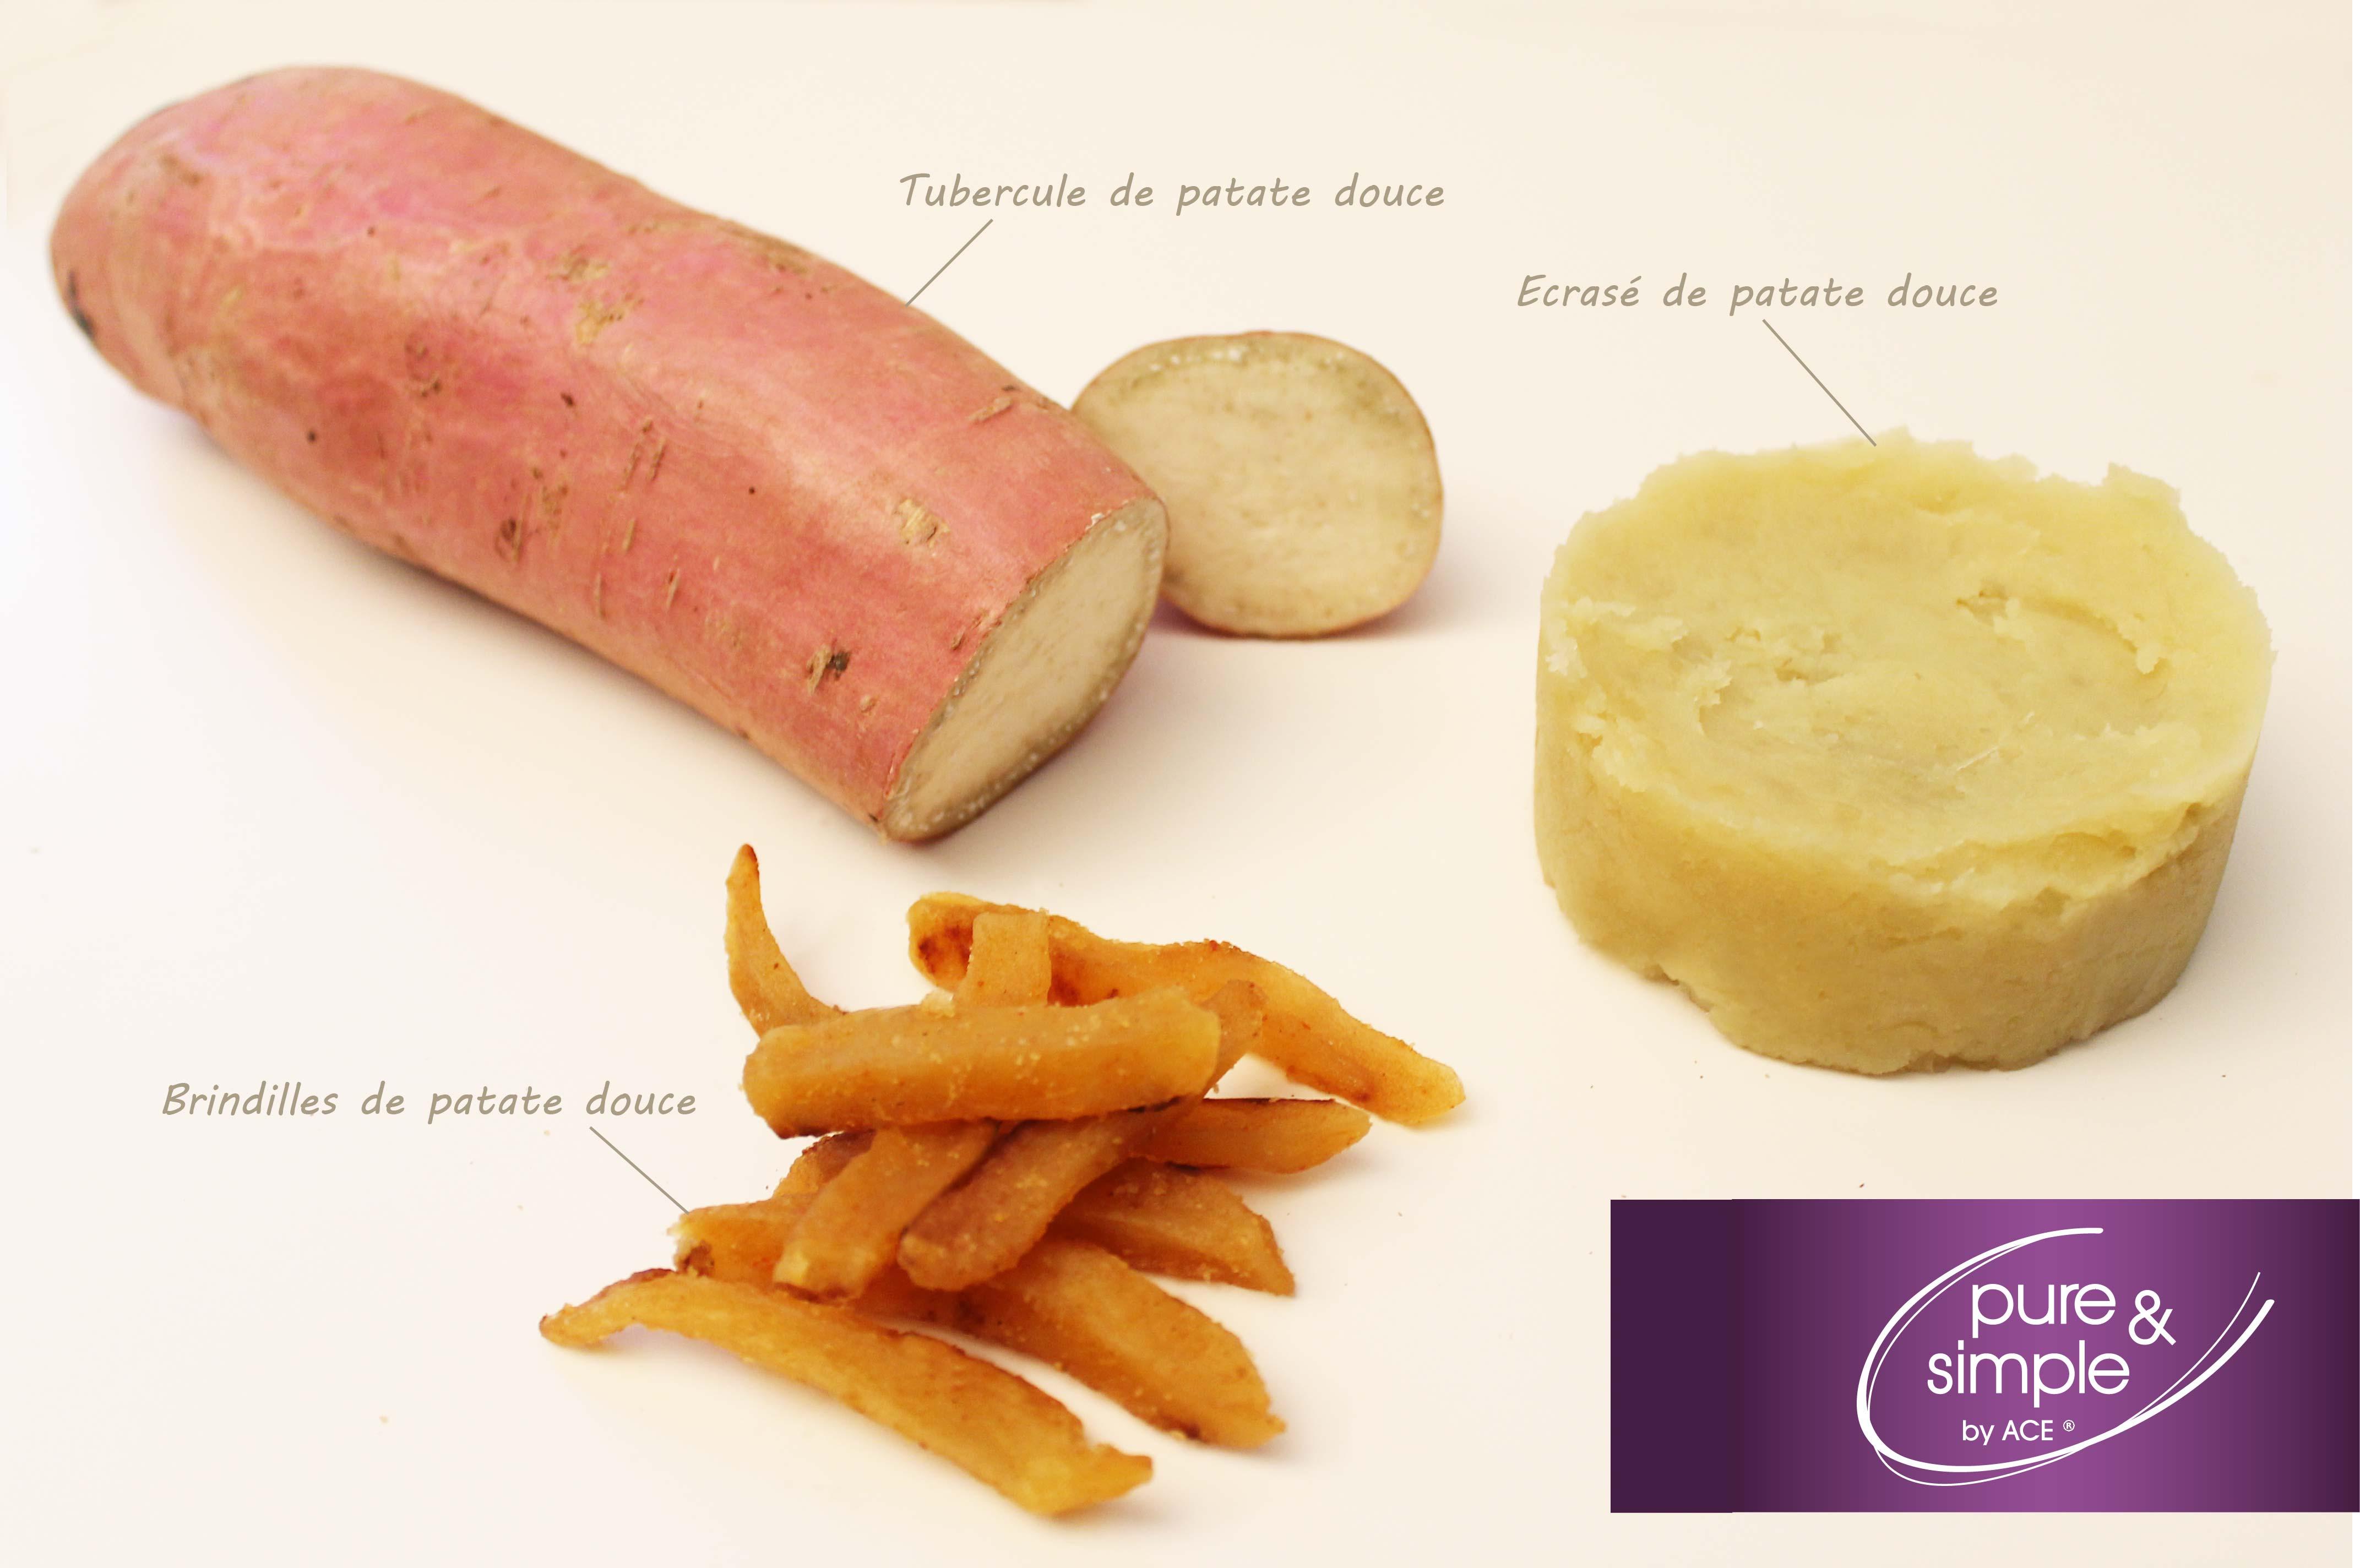 Patate douce et pomme de terre ne sont pas de la m me famille m me si elles se pr sentent - Recette patate douce blanche ...